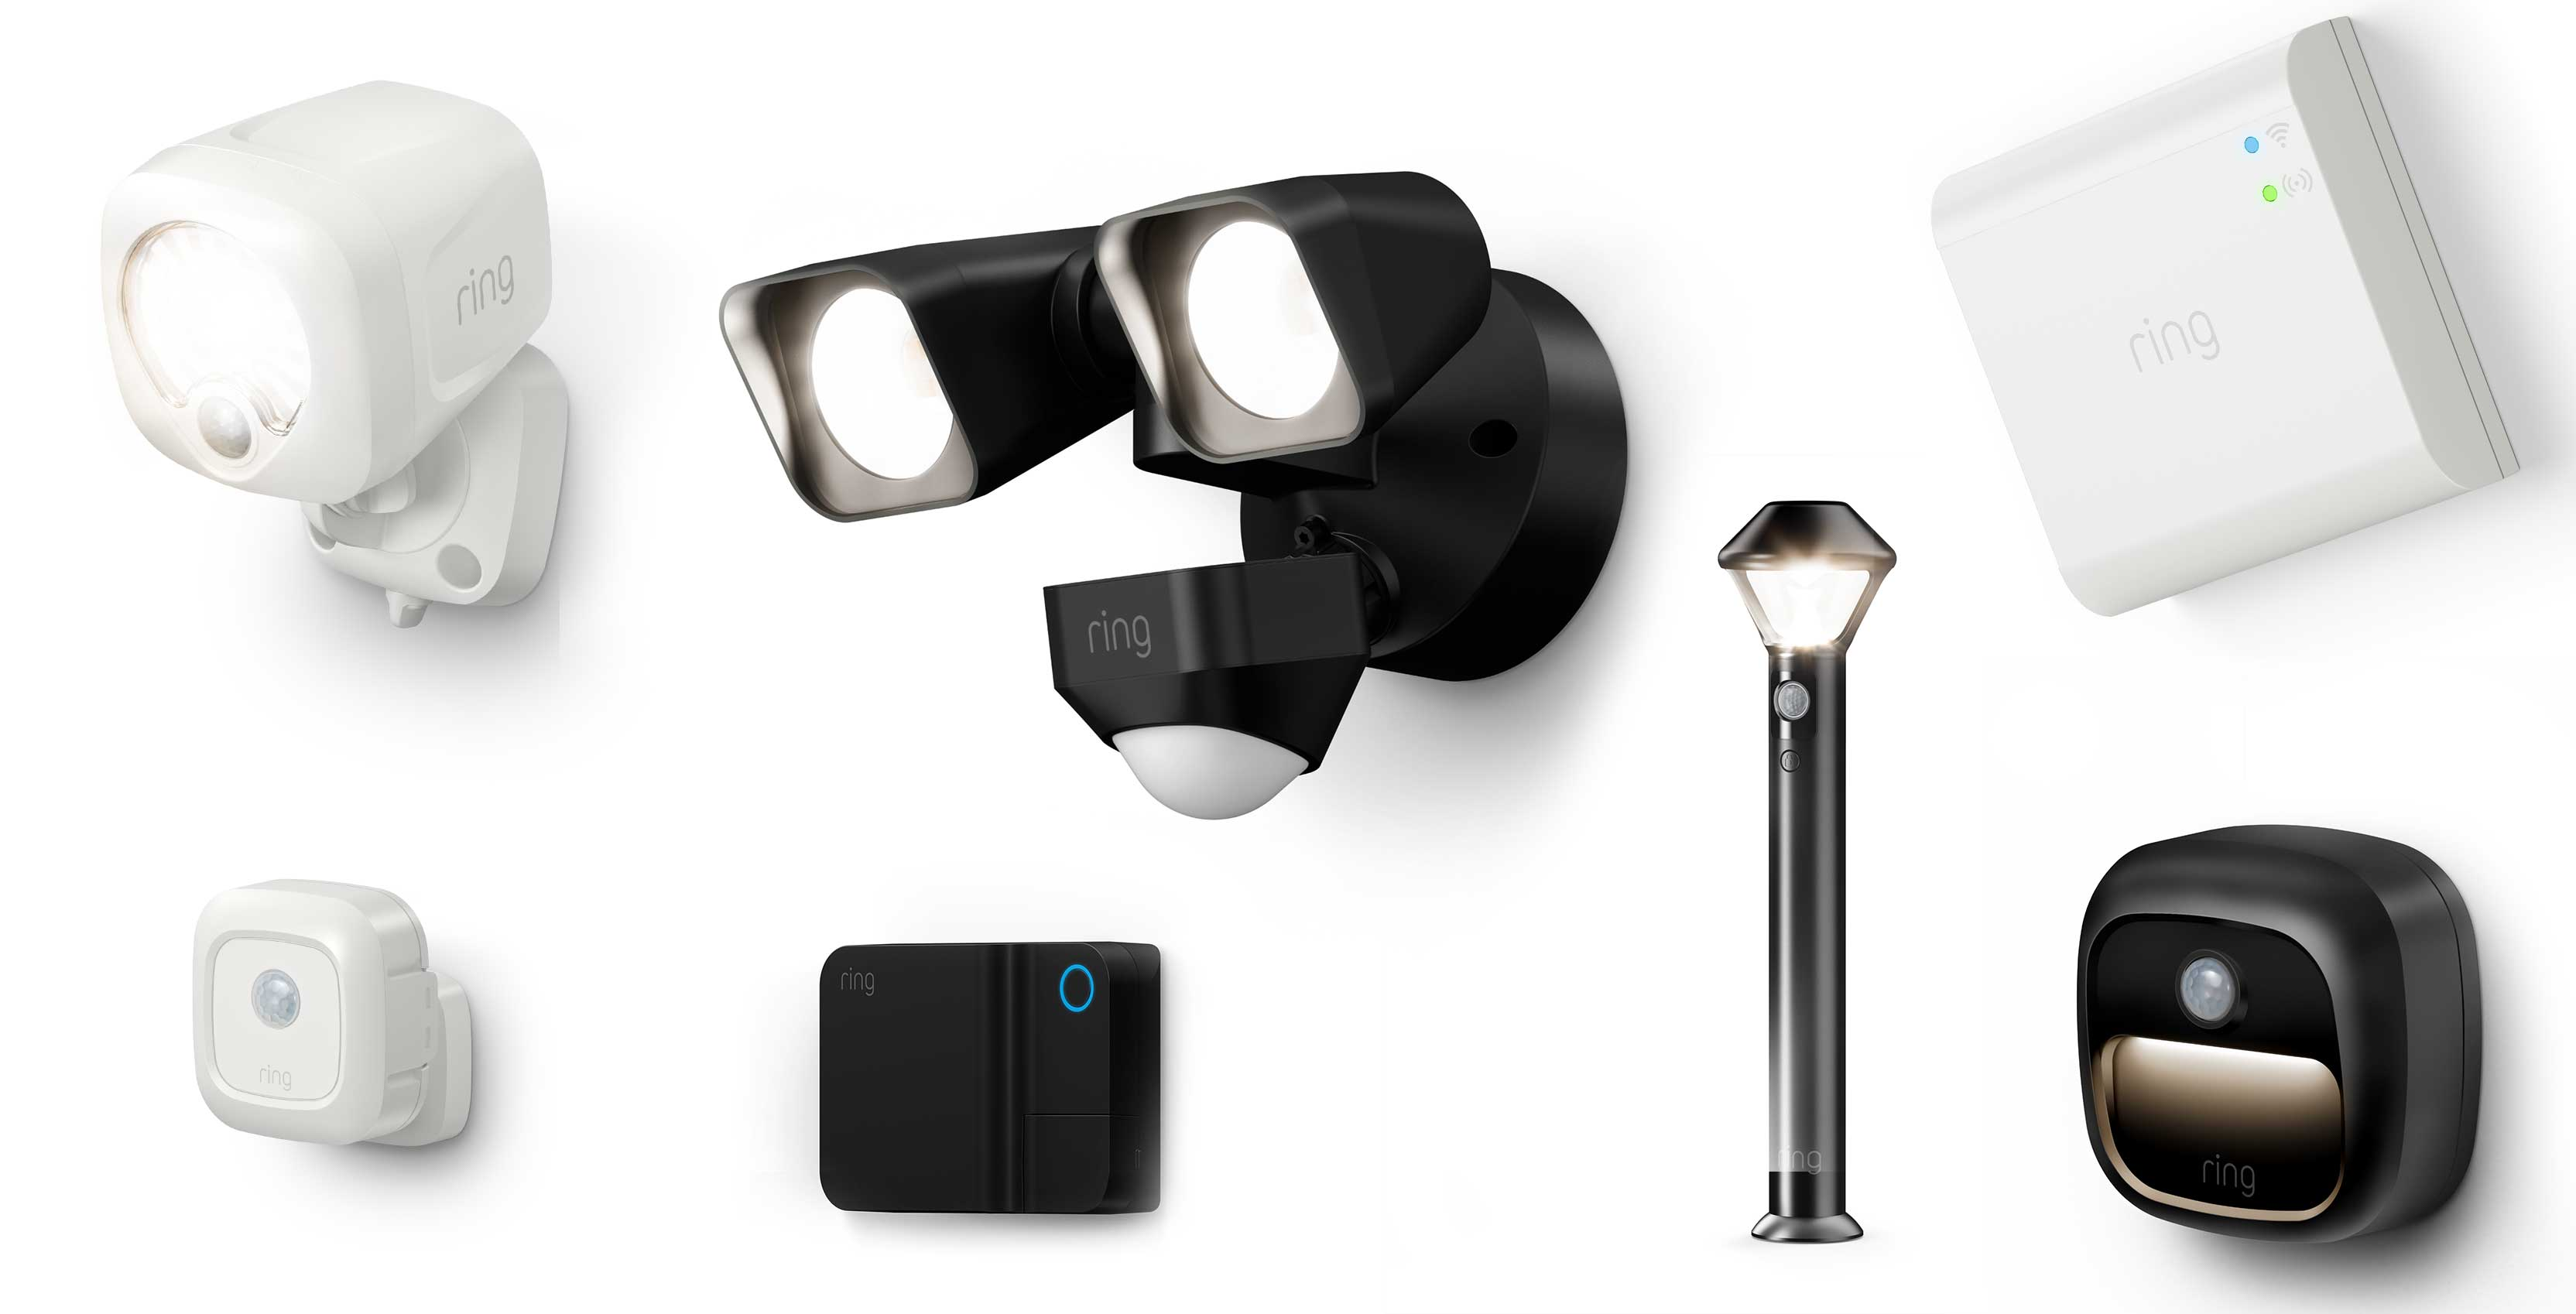 Ring, maker of smart doorbells, launches seven new smart